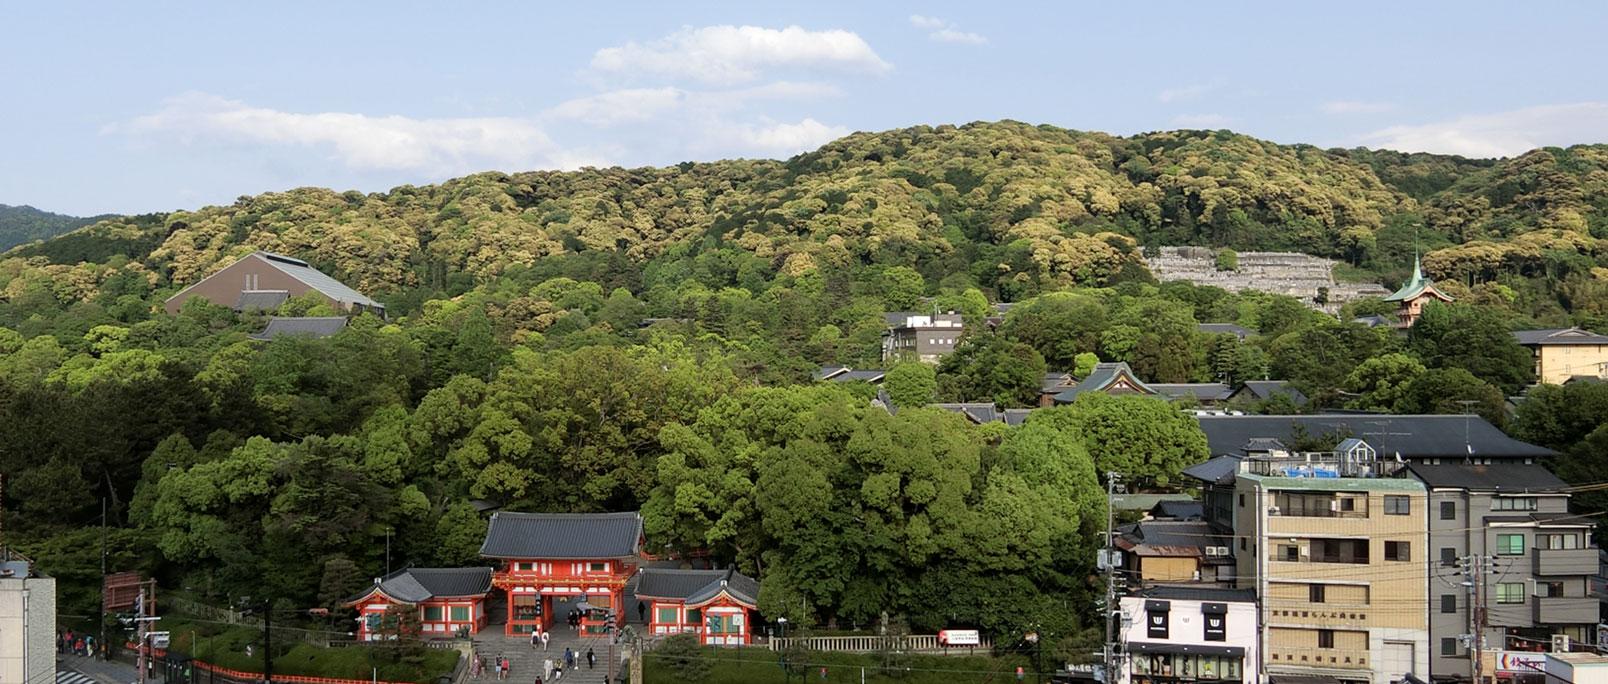 京都盆地を取り囲む東山・北山・西山では,人と森林との関係が疎遠になったことによる森林植生の変化が進み,景観が急激に変化しています。